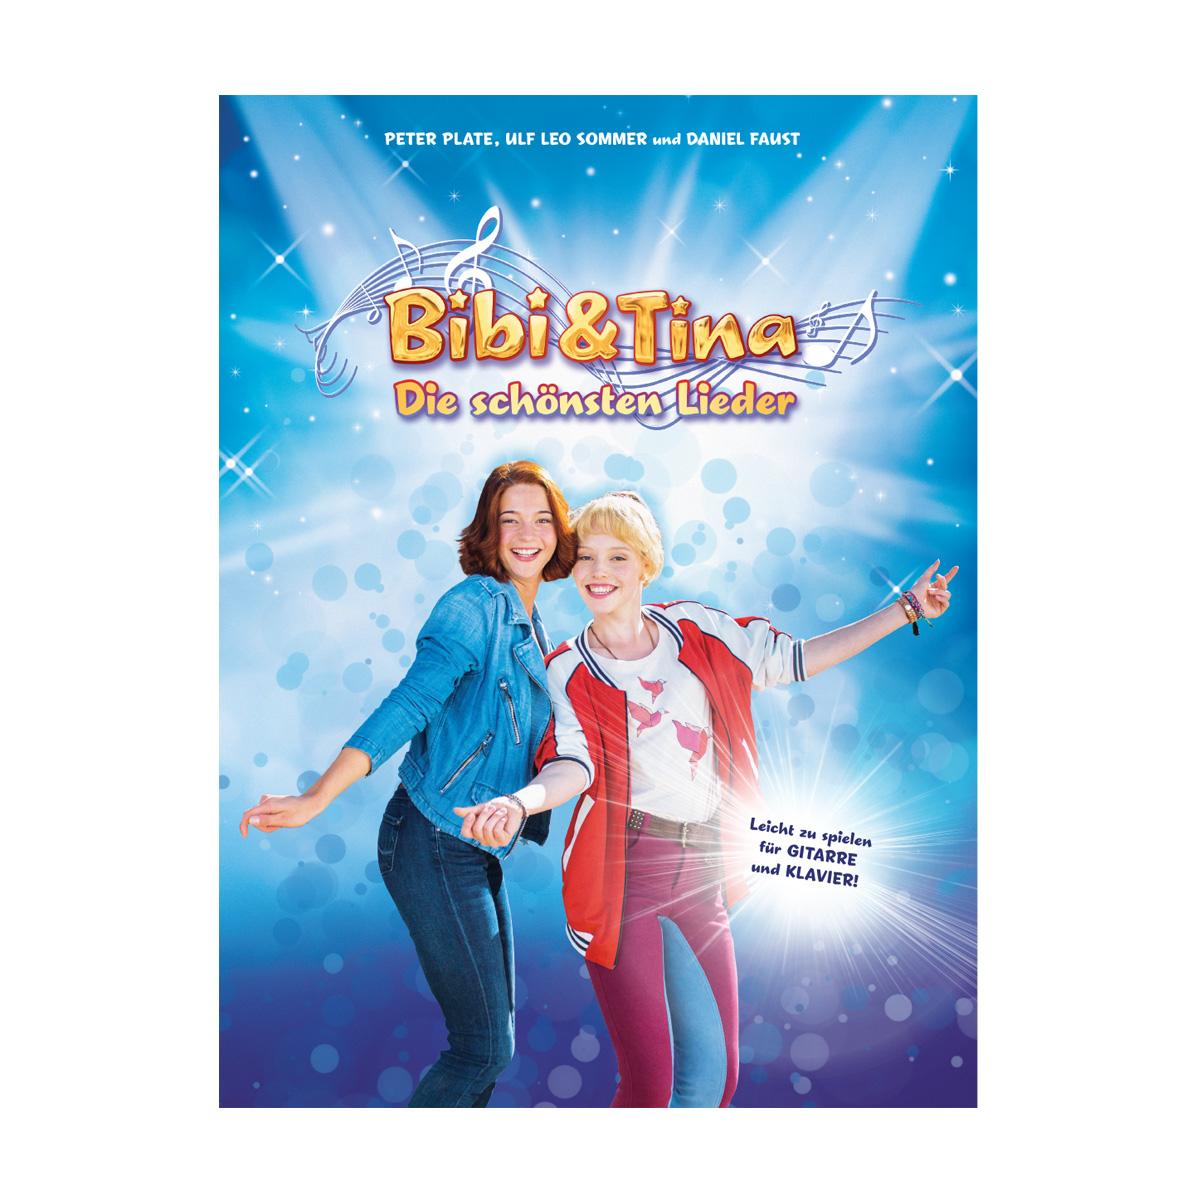 Bibi&Tina Bibi&Tina SONGBOOK - Die schönsten Lieder Book